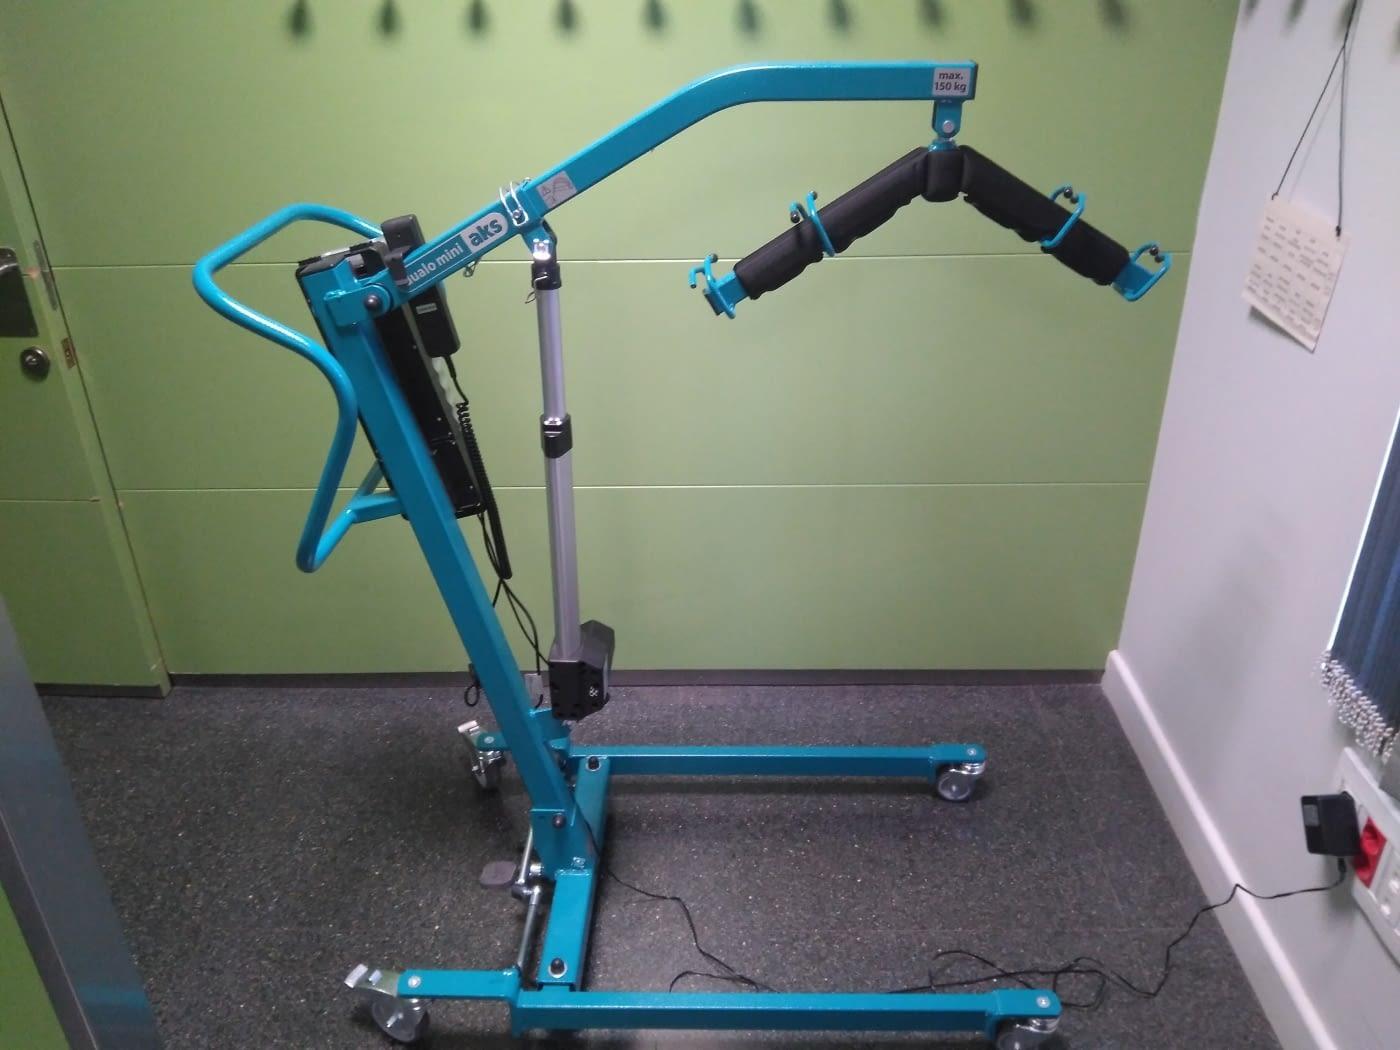 Aconseguim dotar de nous equipaments per millorar l'atenció a les persones en els nostres serveis